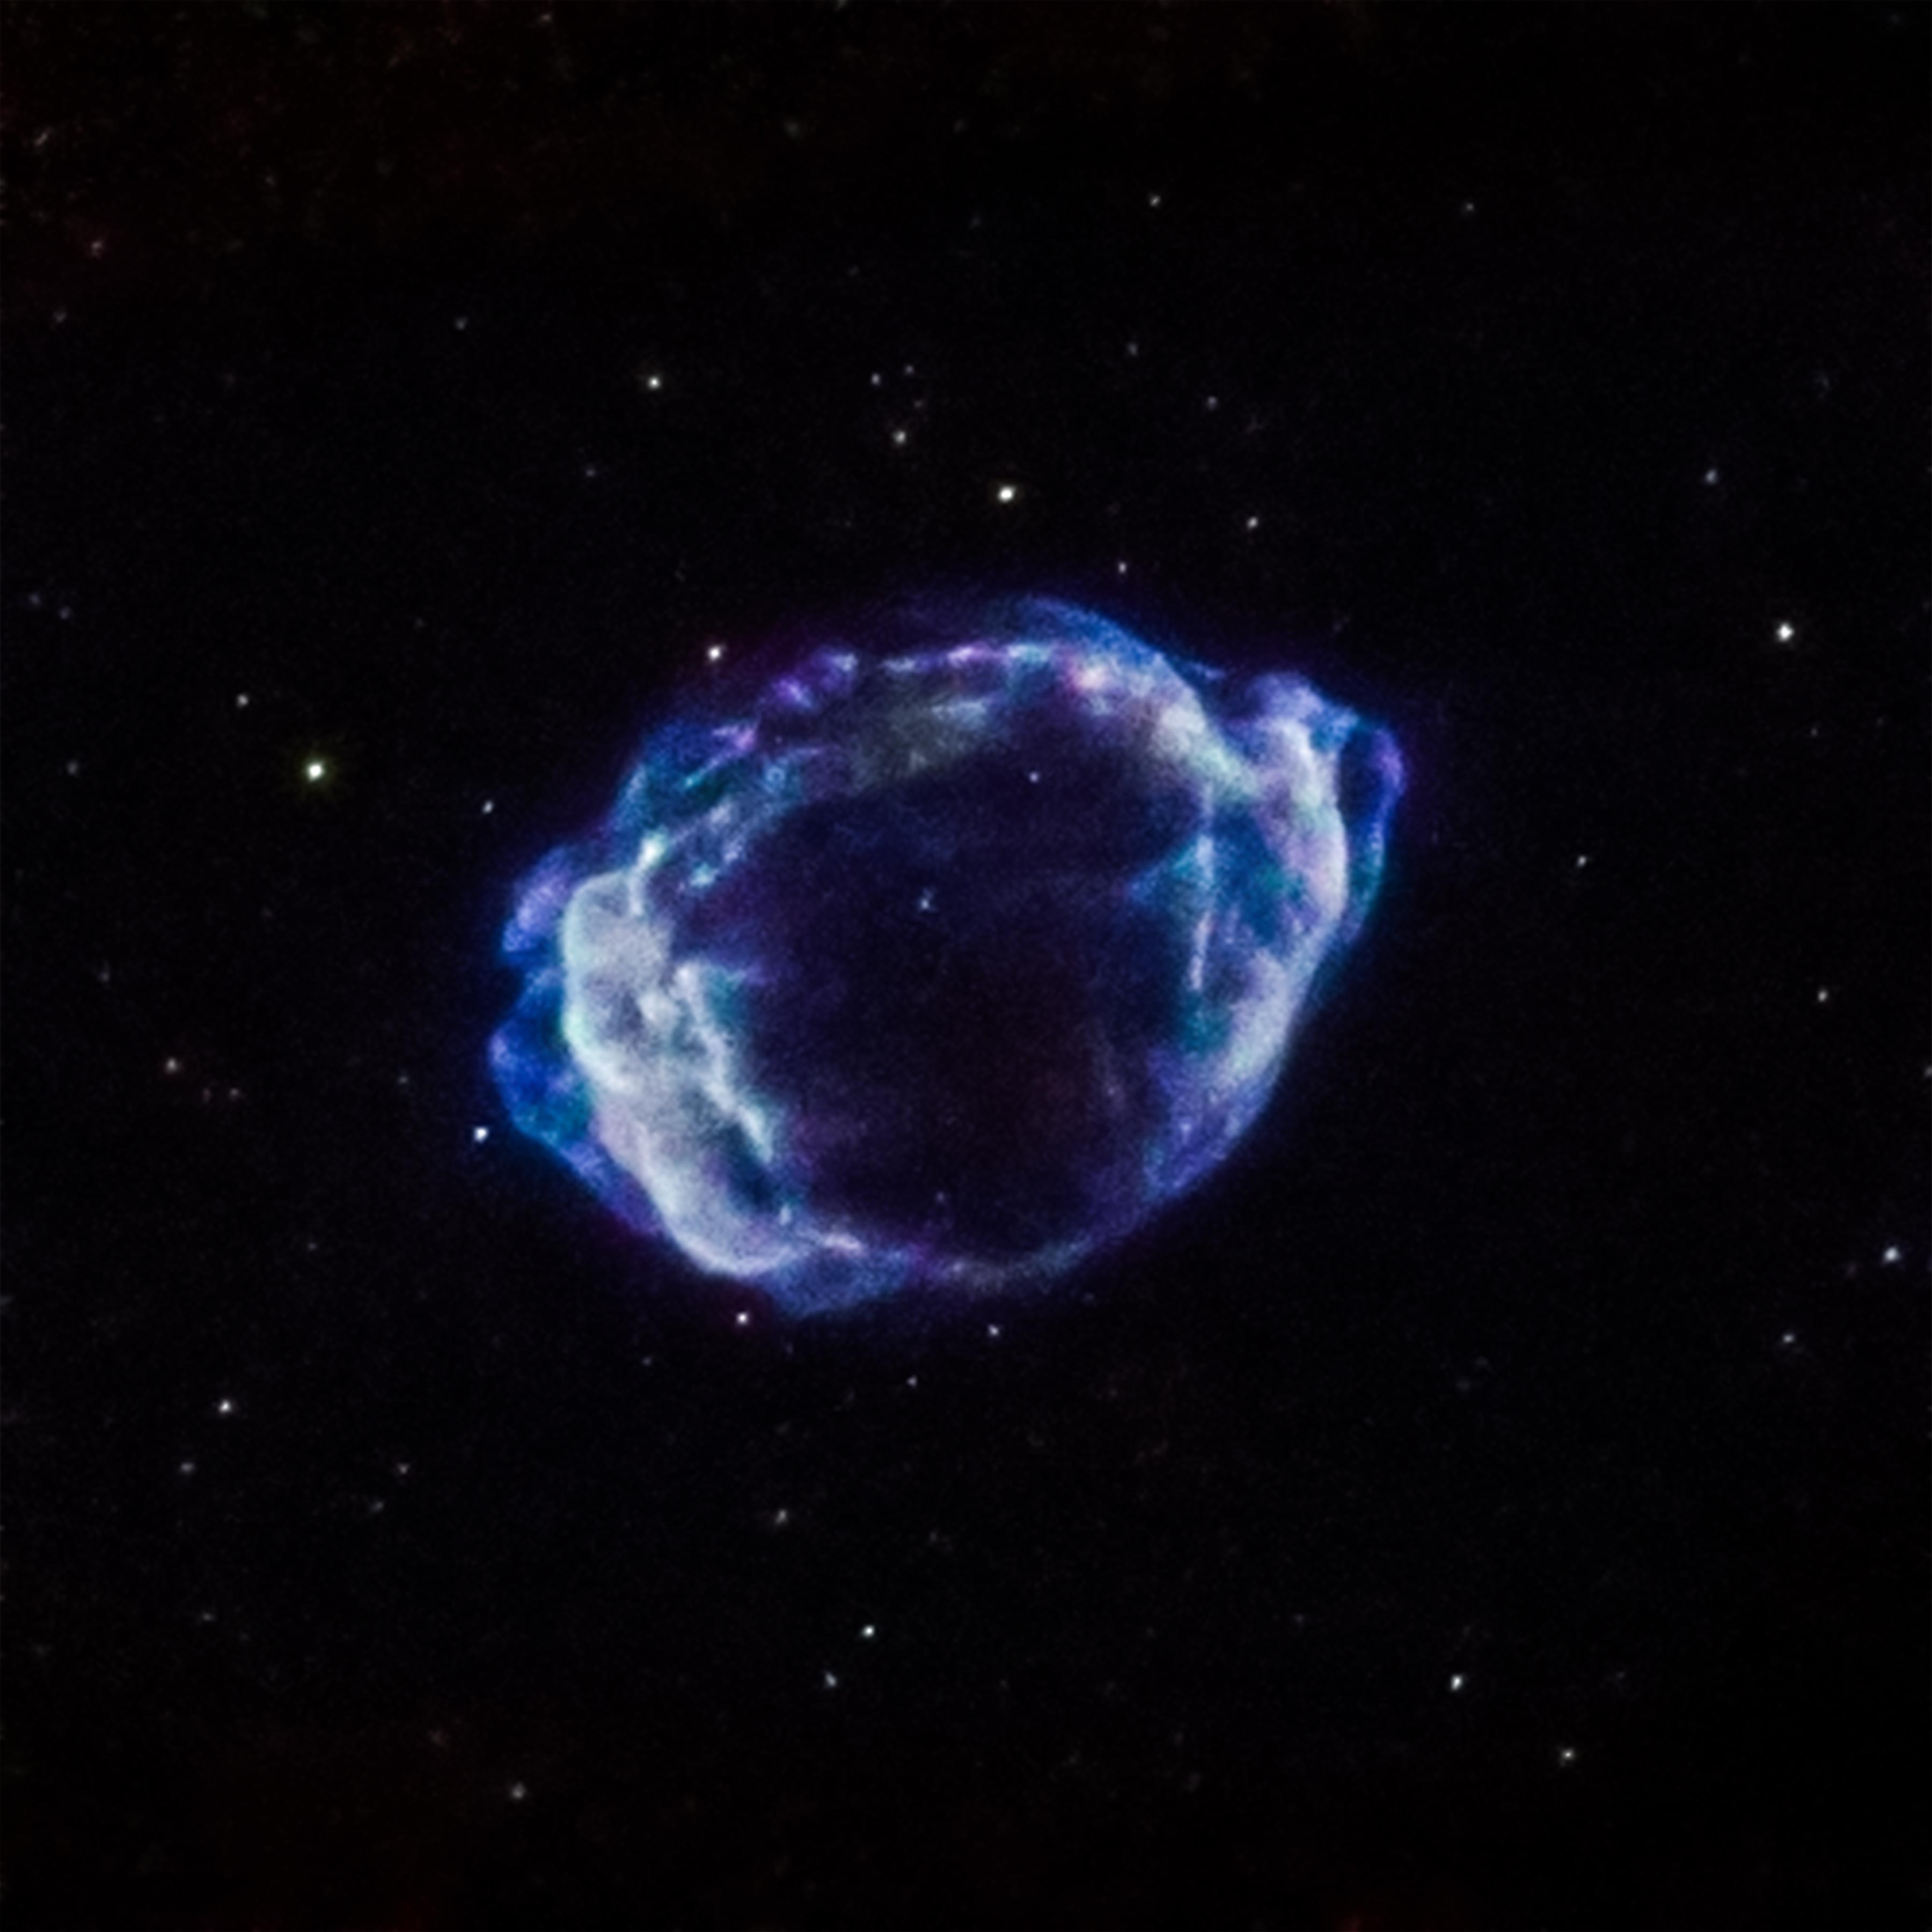 Supernova G1.9+0.3 Credits: NASA/CXC/CfA/S. Chakraborti et al.